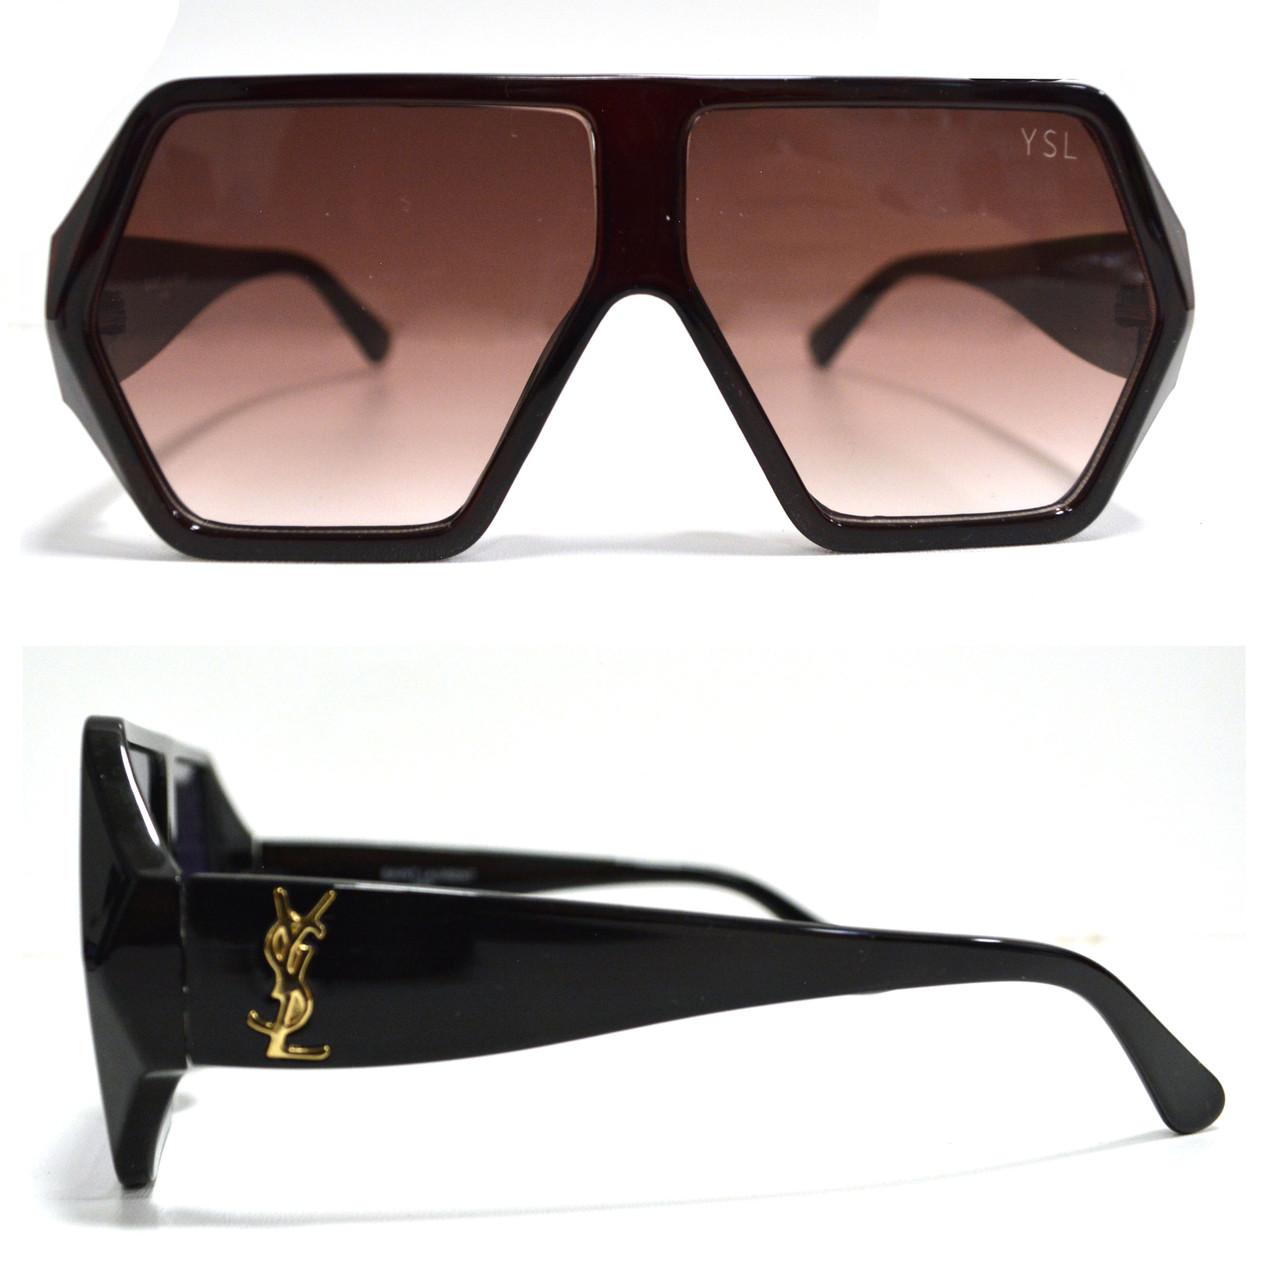 Солнцезащитные очки с коричневыми стеклами с широкой коричневой дужкой YSL 3010 - фото 1